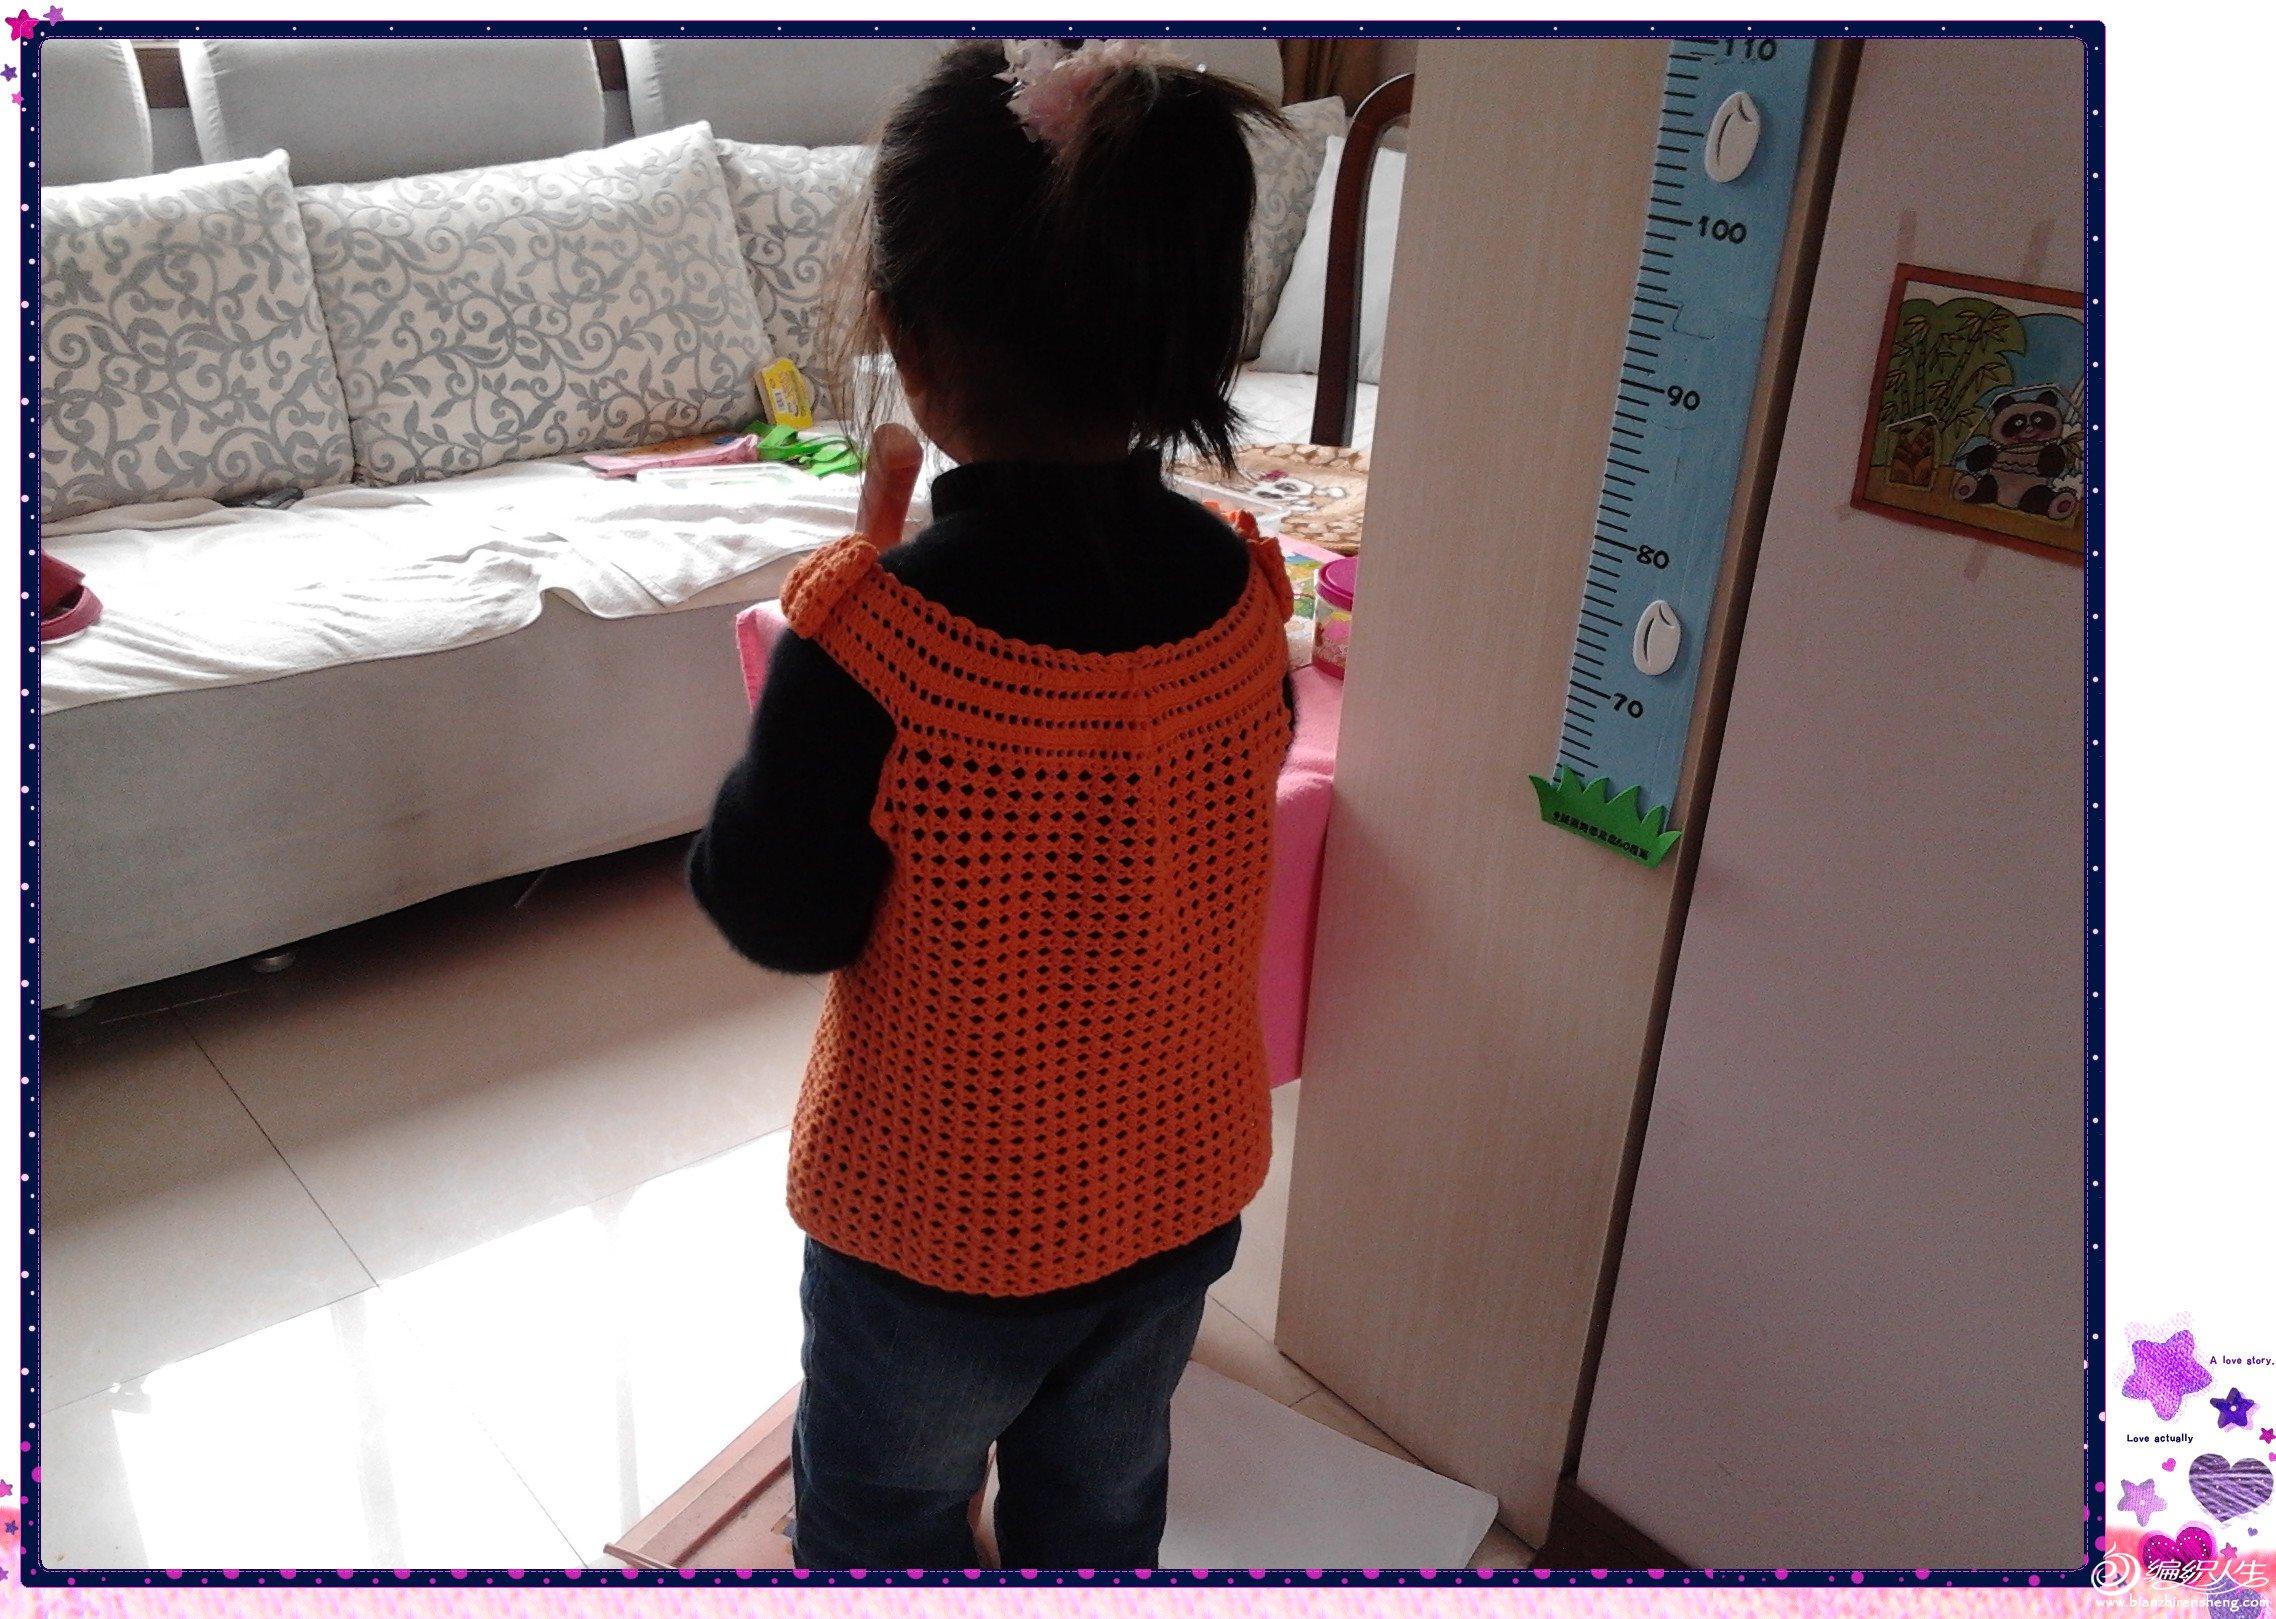 2012-04-08 11.41.55_副本.jpg